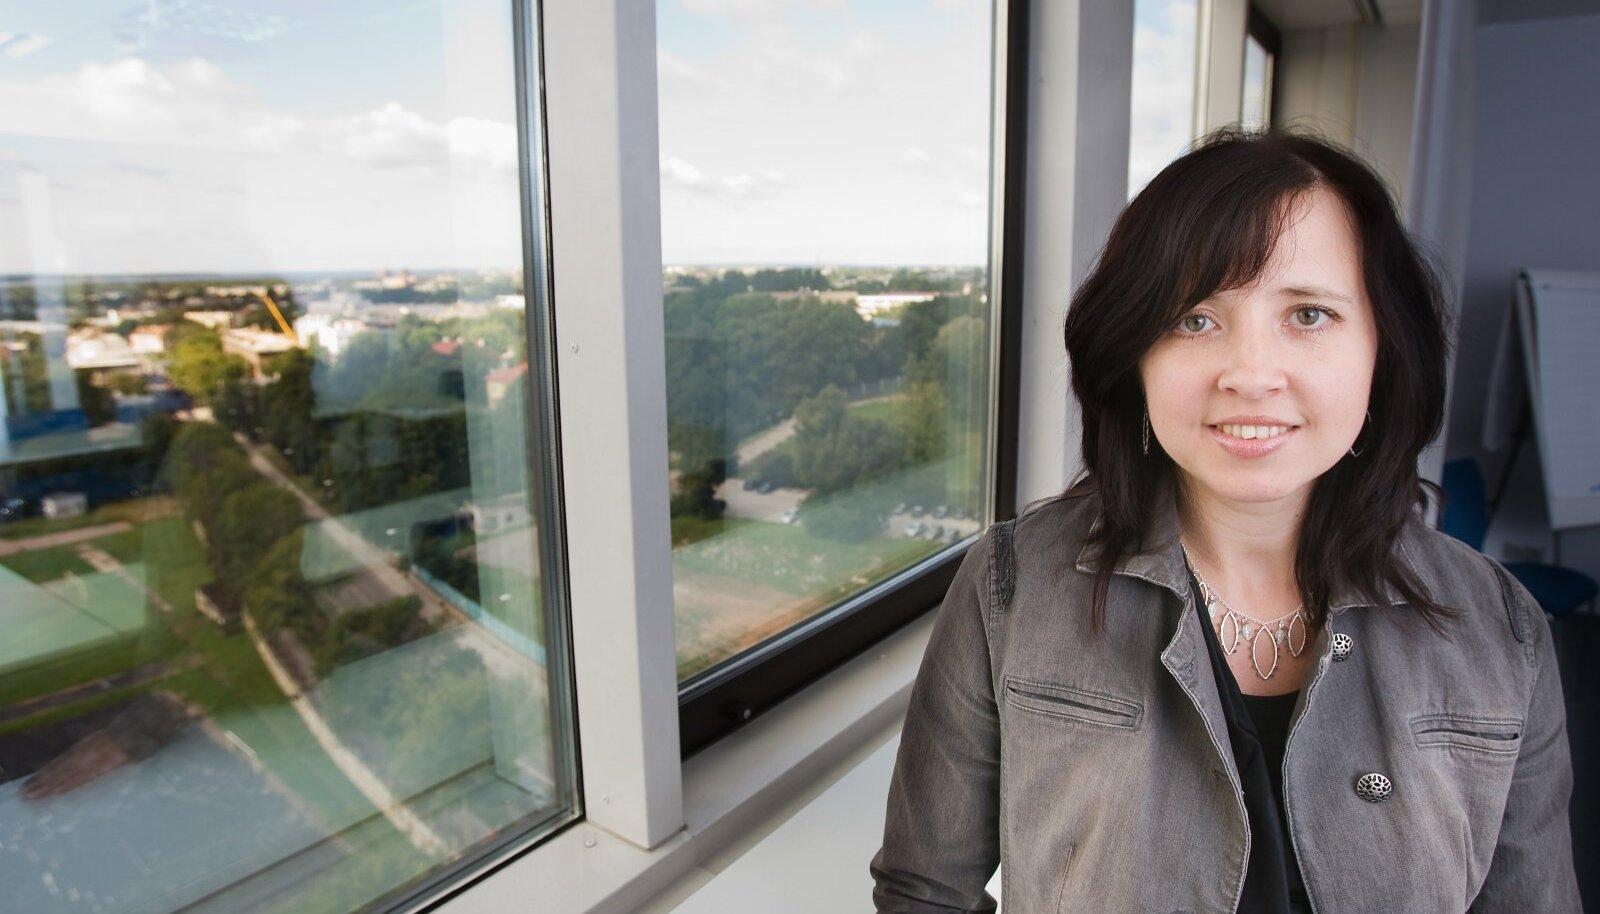 Kertu Fedotov, Rahandusministeeriumi kindlustuspoliitika osakonna nõunik